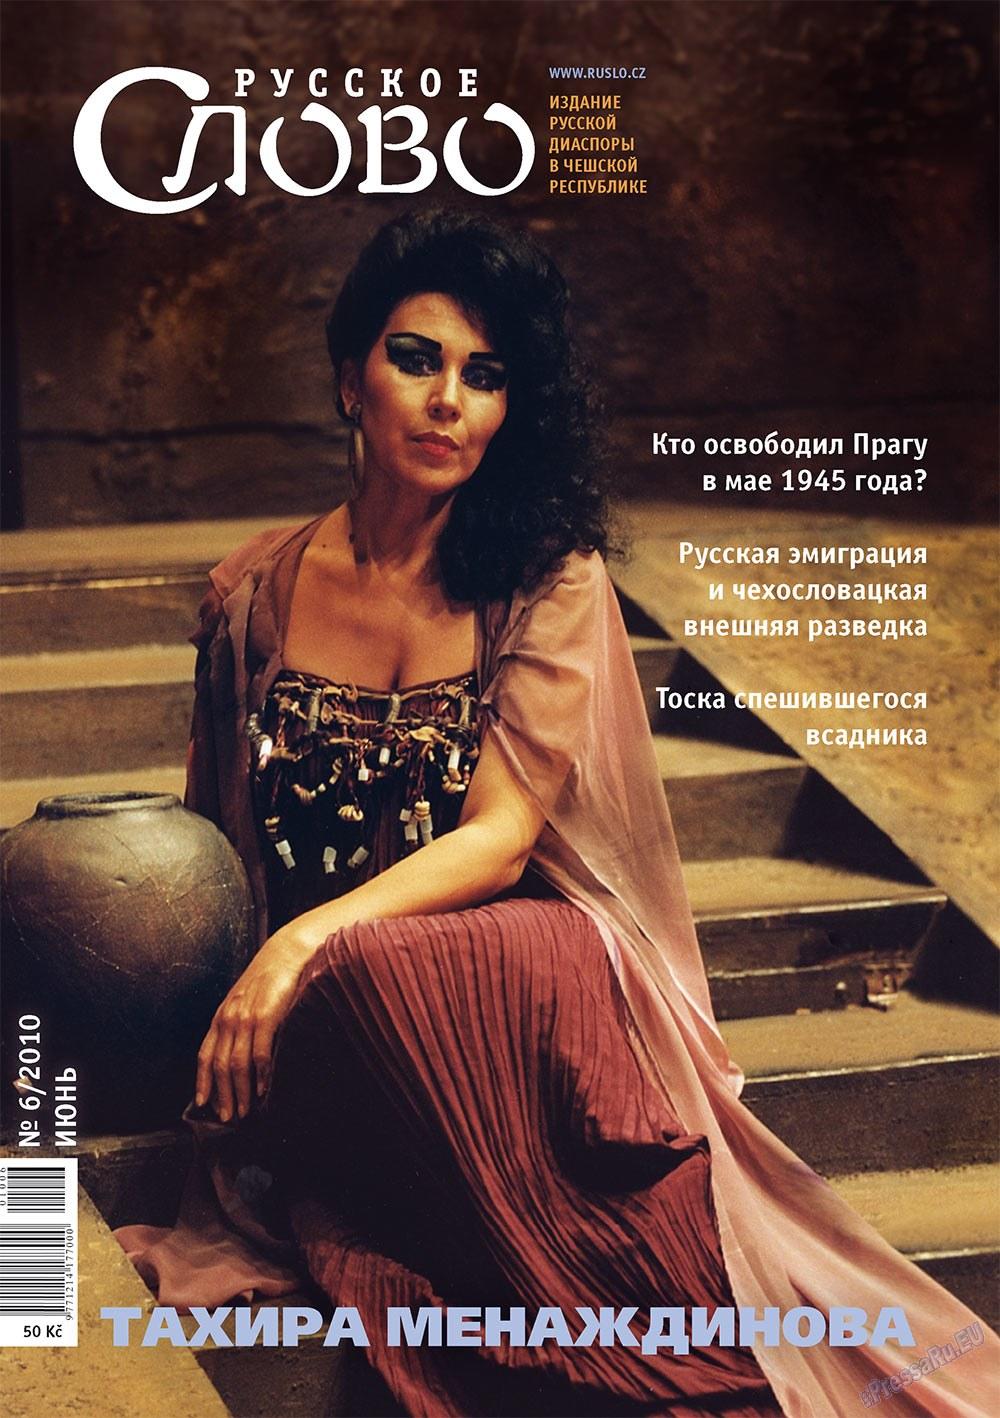 Русское слово (журнал). 2010 год, номер 6, стр. 1